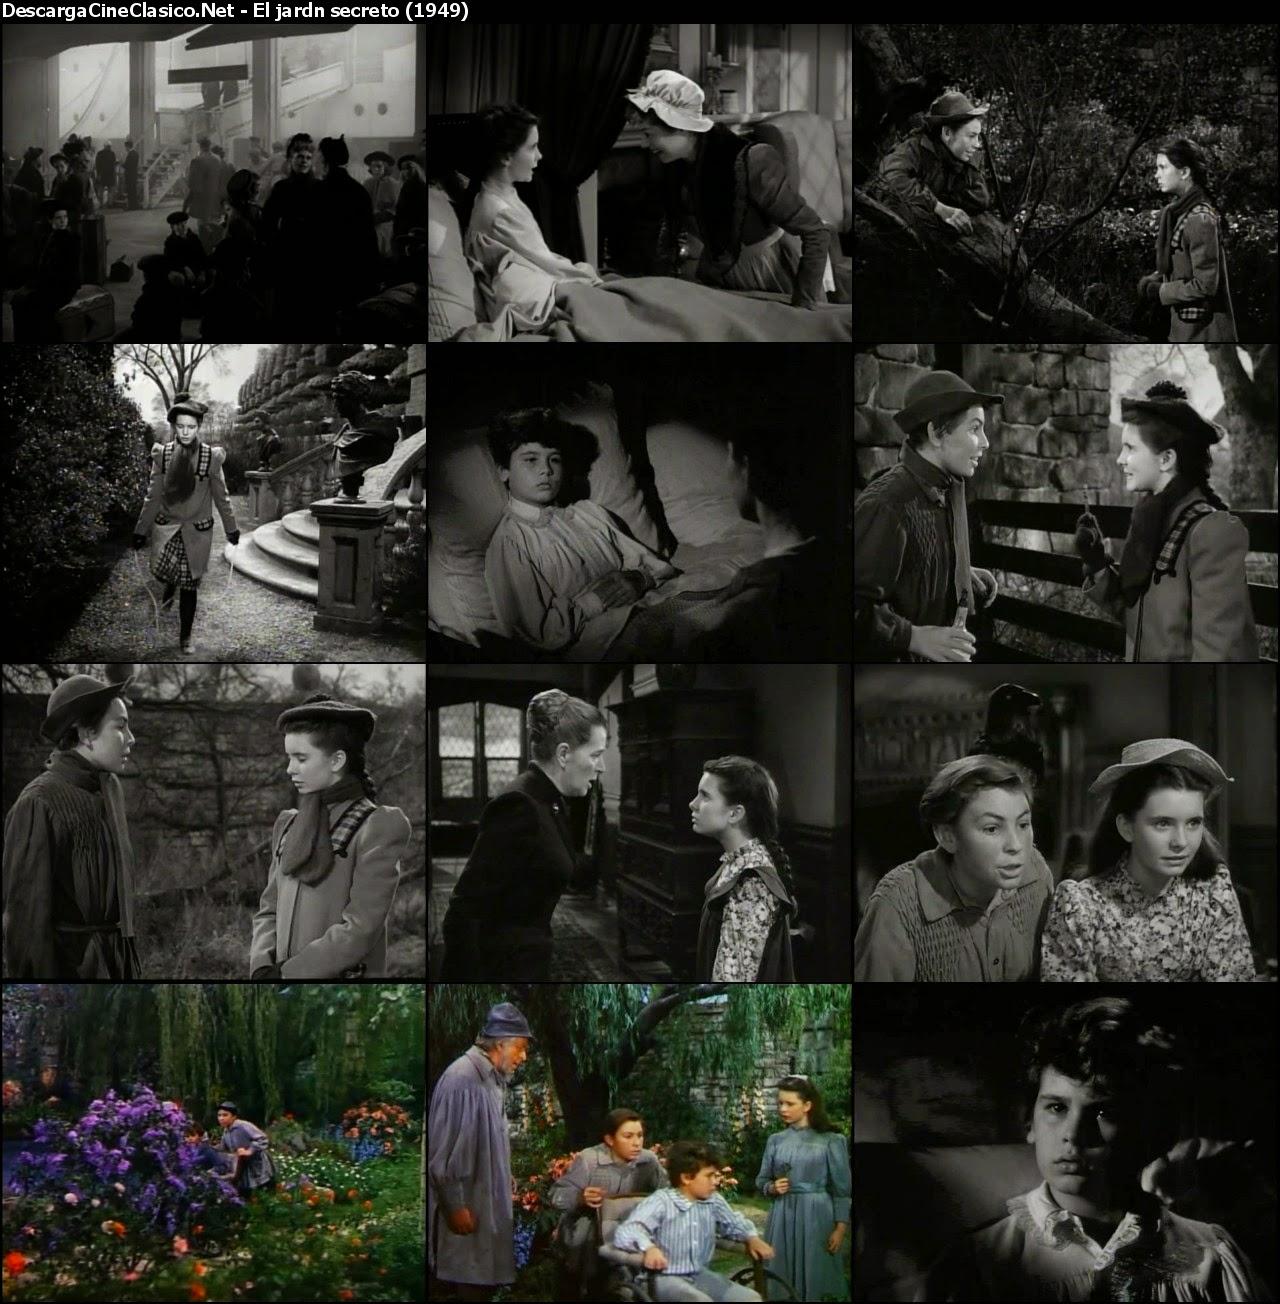 Pelicula Secreta Jardin 1949 Descargar - stedticitse.tk